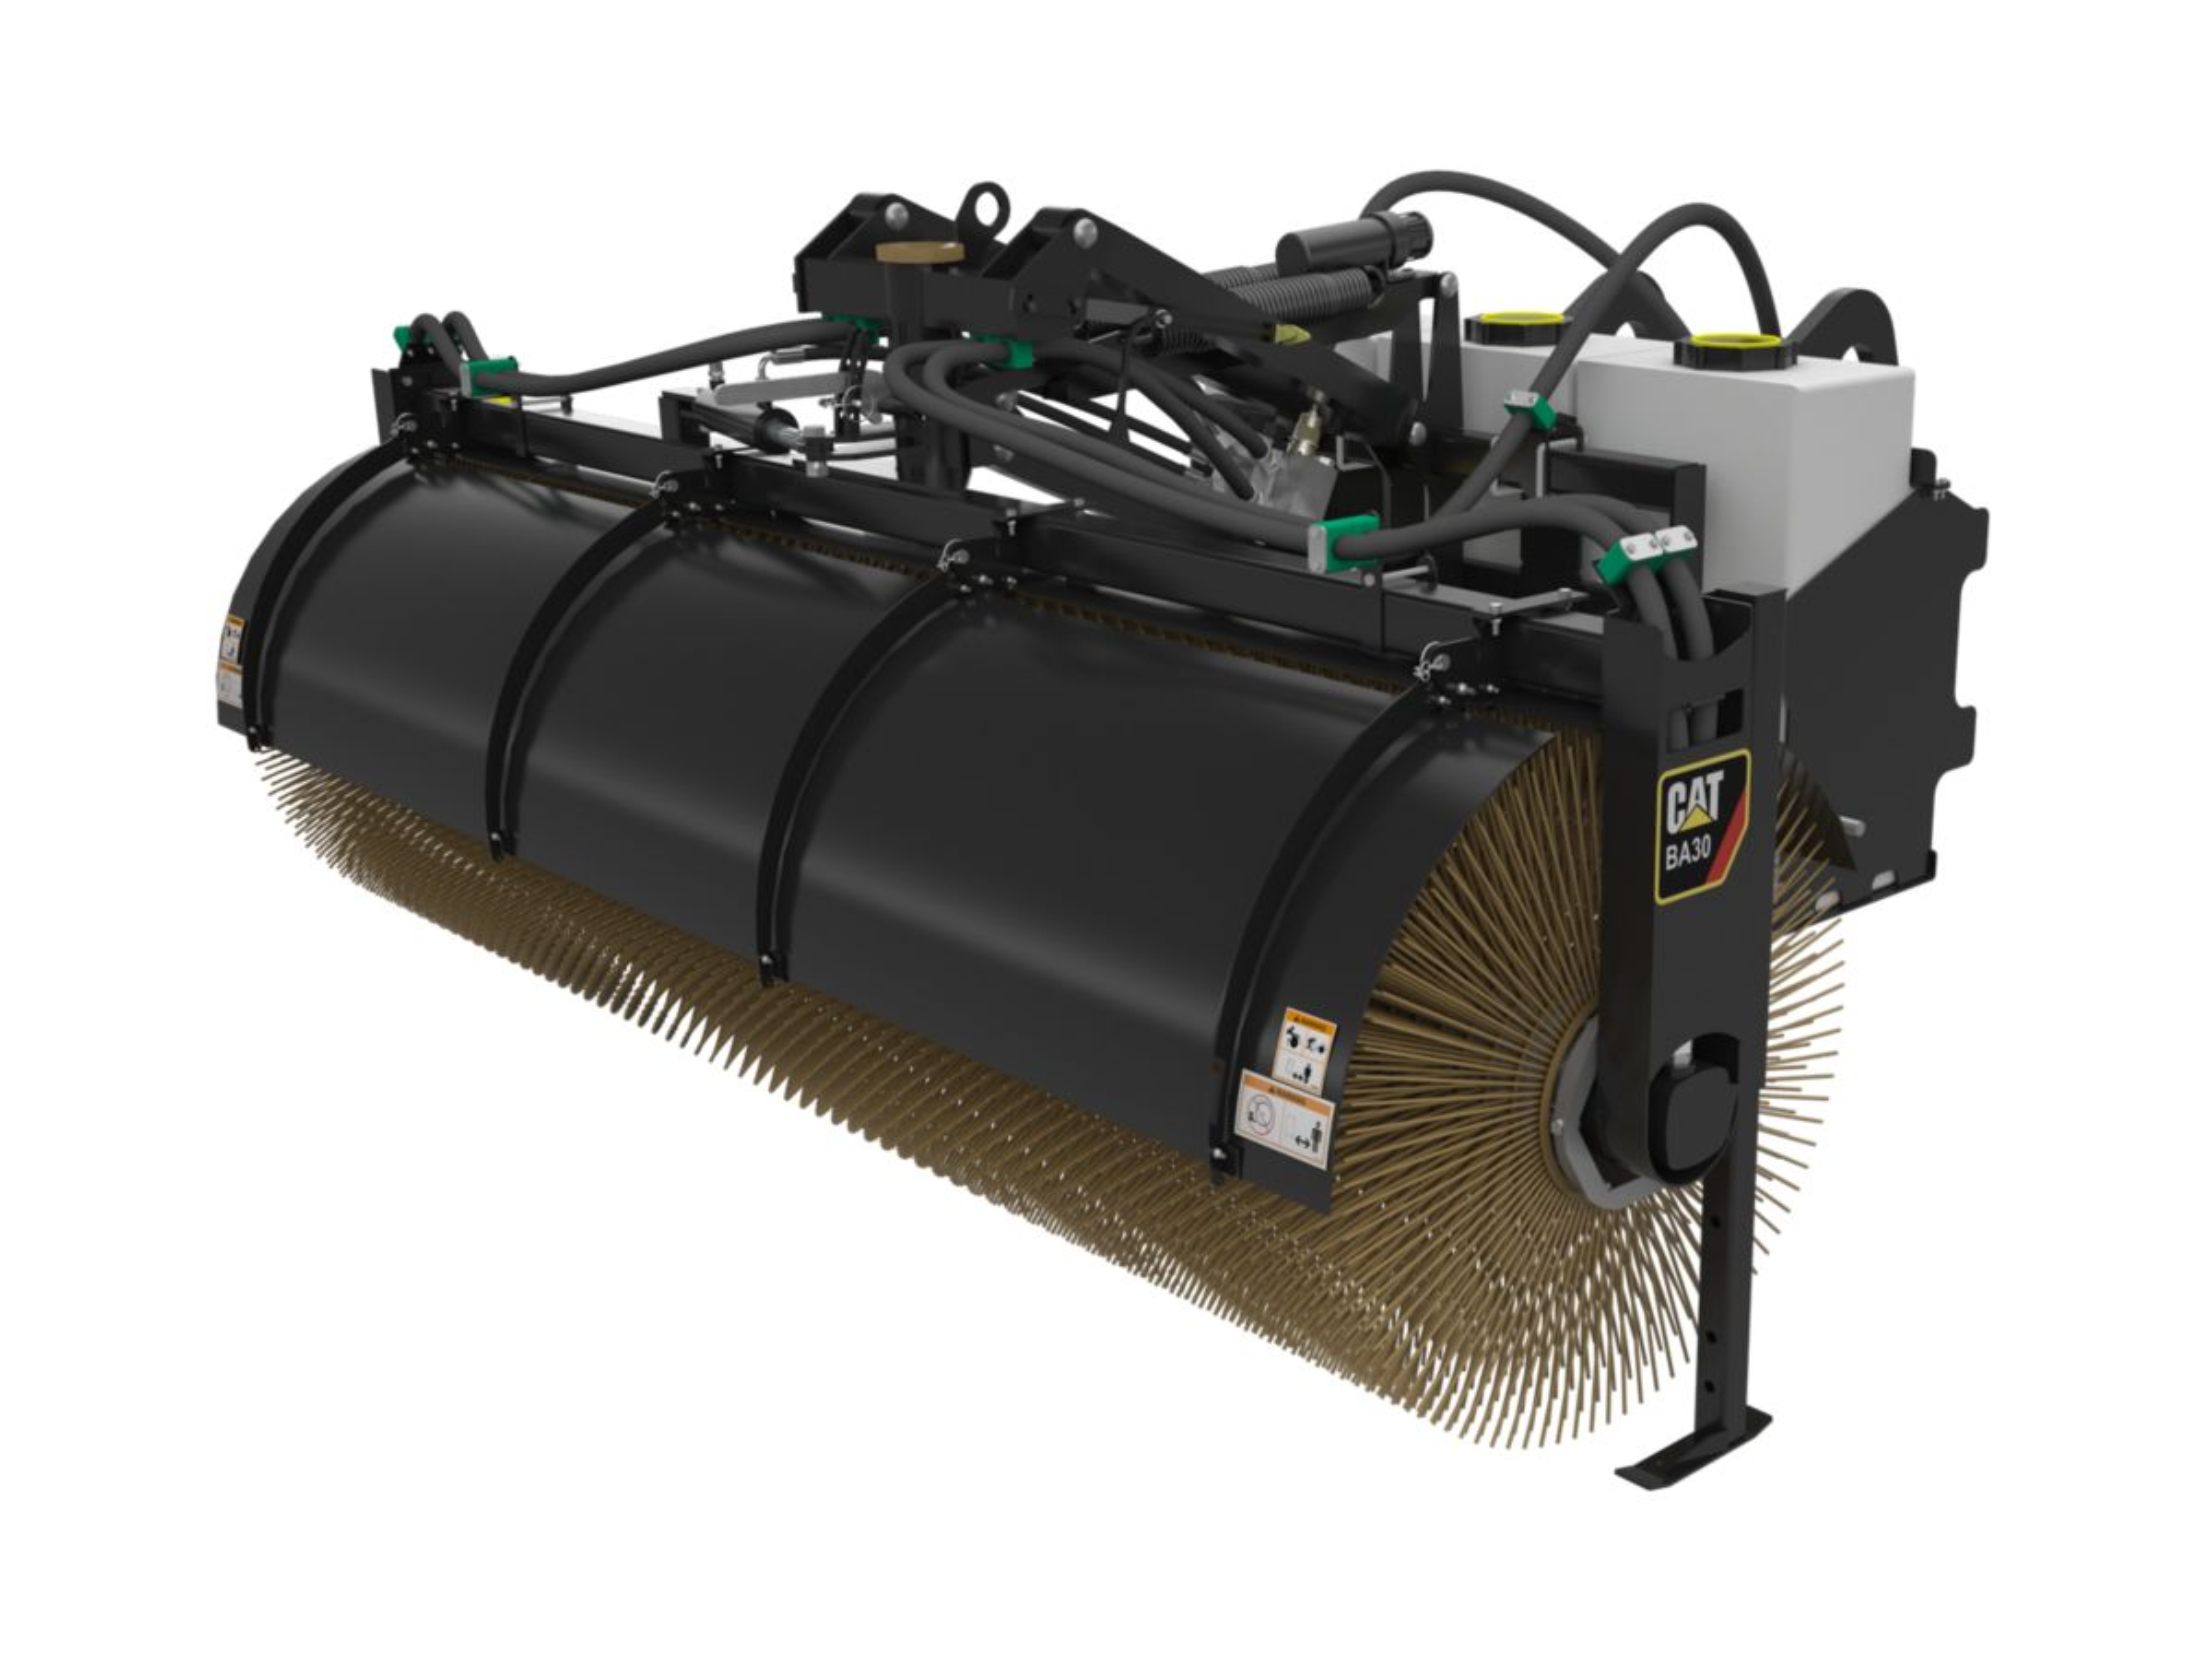 Fotografía del BA30 Hydraulic